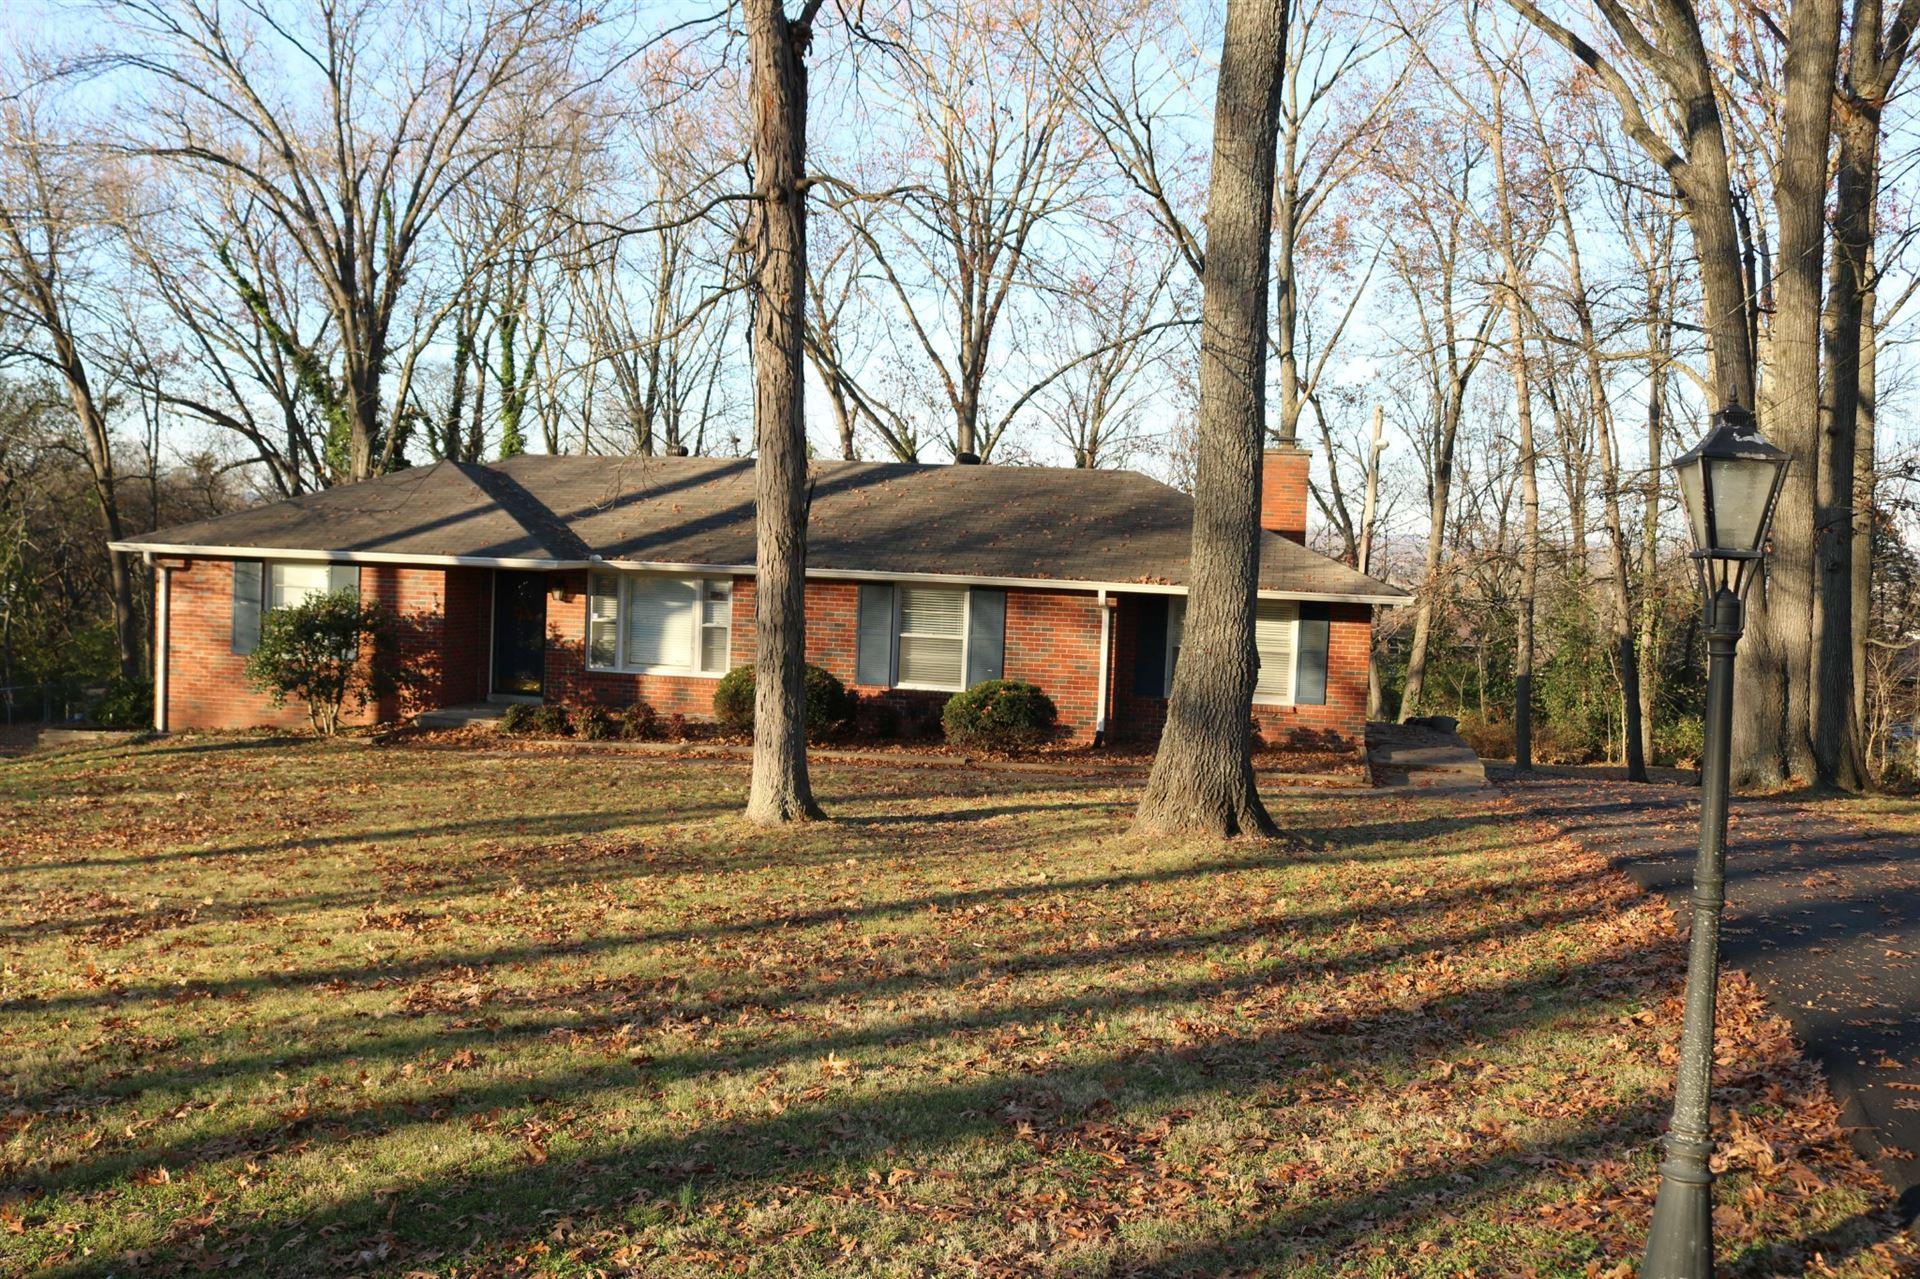 218 Cima Dr, Goodlettsville, TN 37072 - MLS#: 2212279